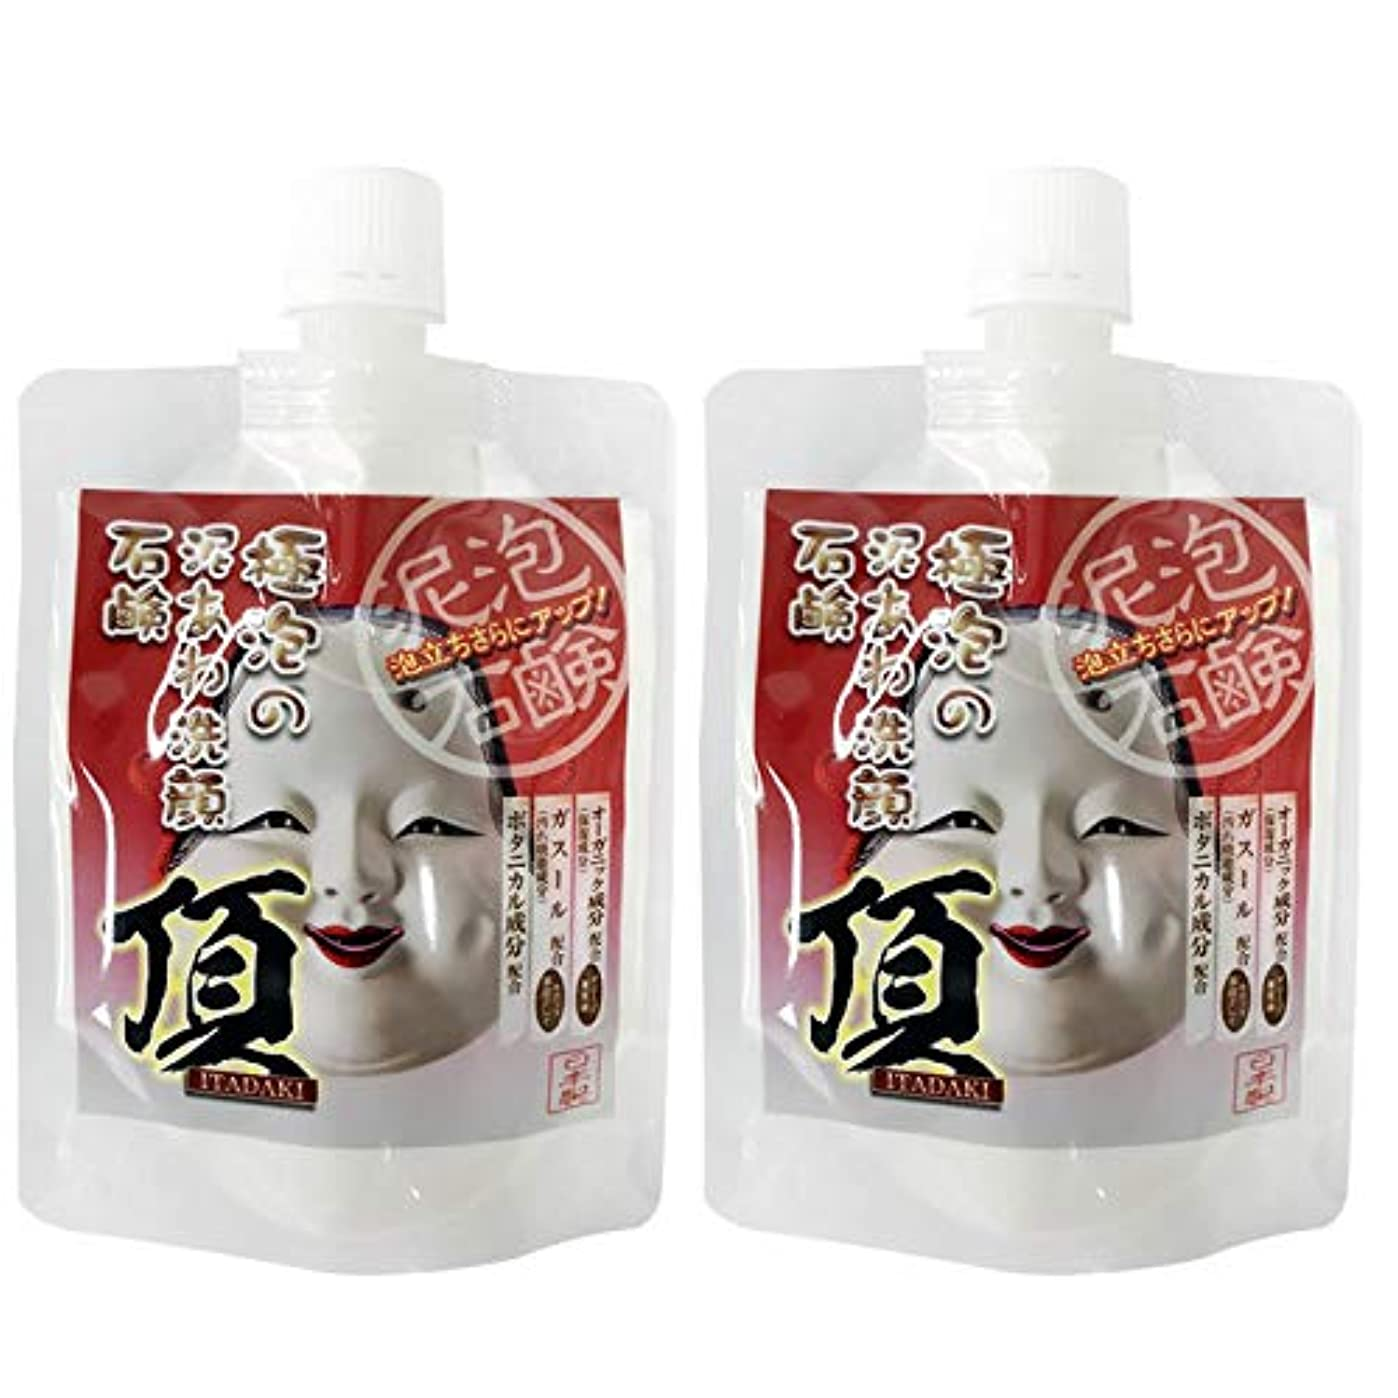 肘リビングルーム願う極泡の泥あわ洗顔石鹸 頂 130g×2 ガスール 豆乳 ボタニカル 酒粕 エキス配合